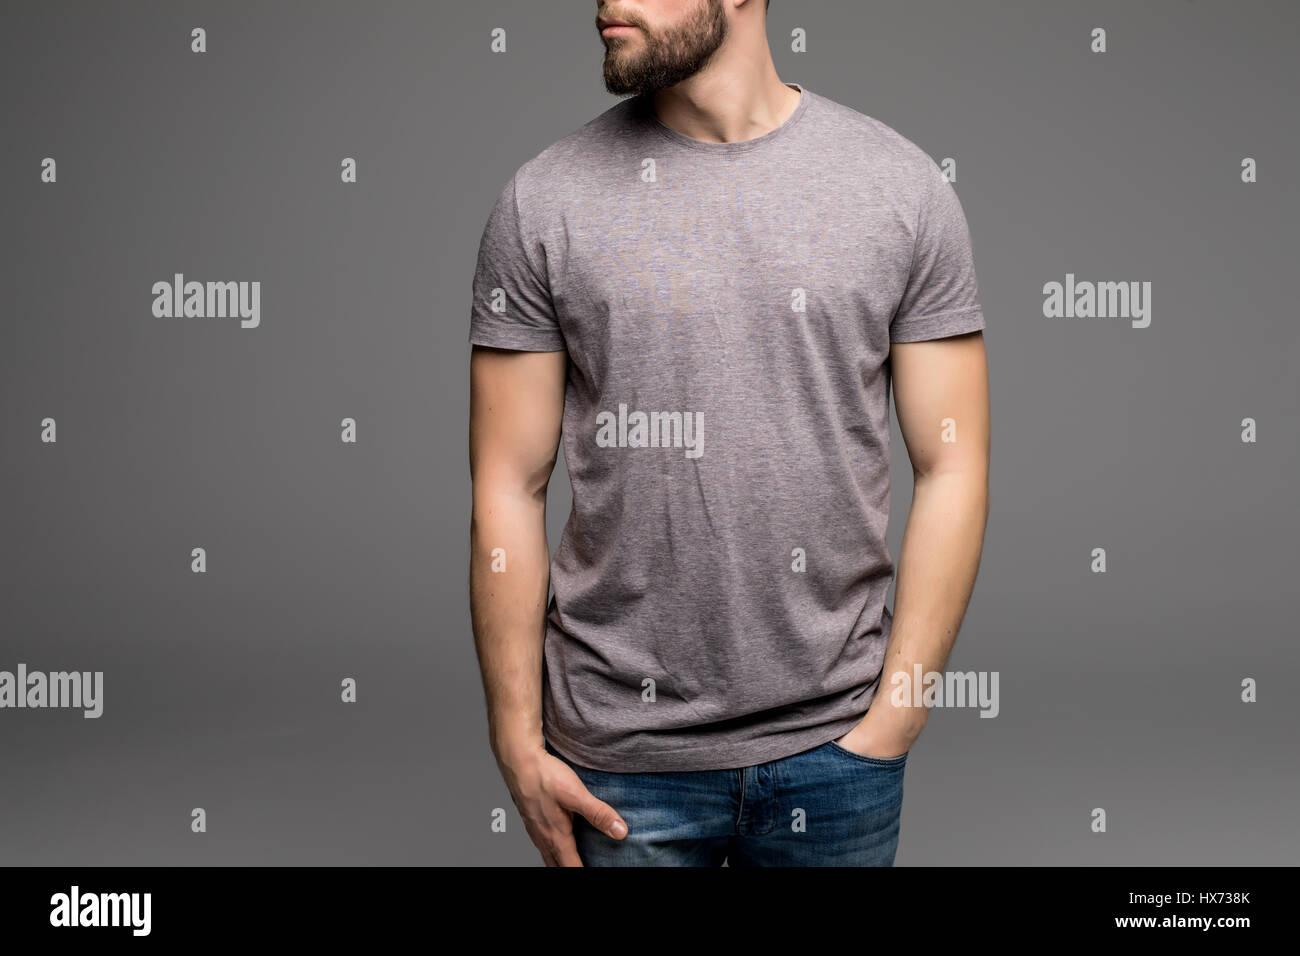 Un hombre en una camiseta gris y denims mantiene sus manos en los  bolsillos. Aislado 6642b2aaa891d